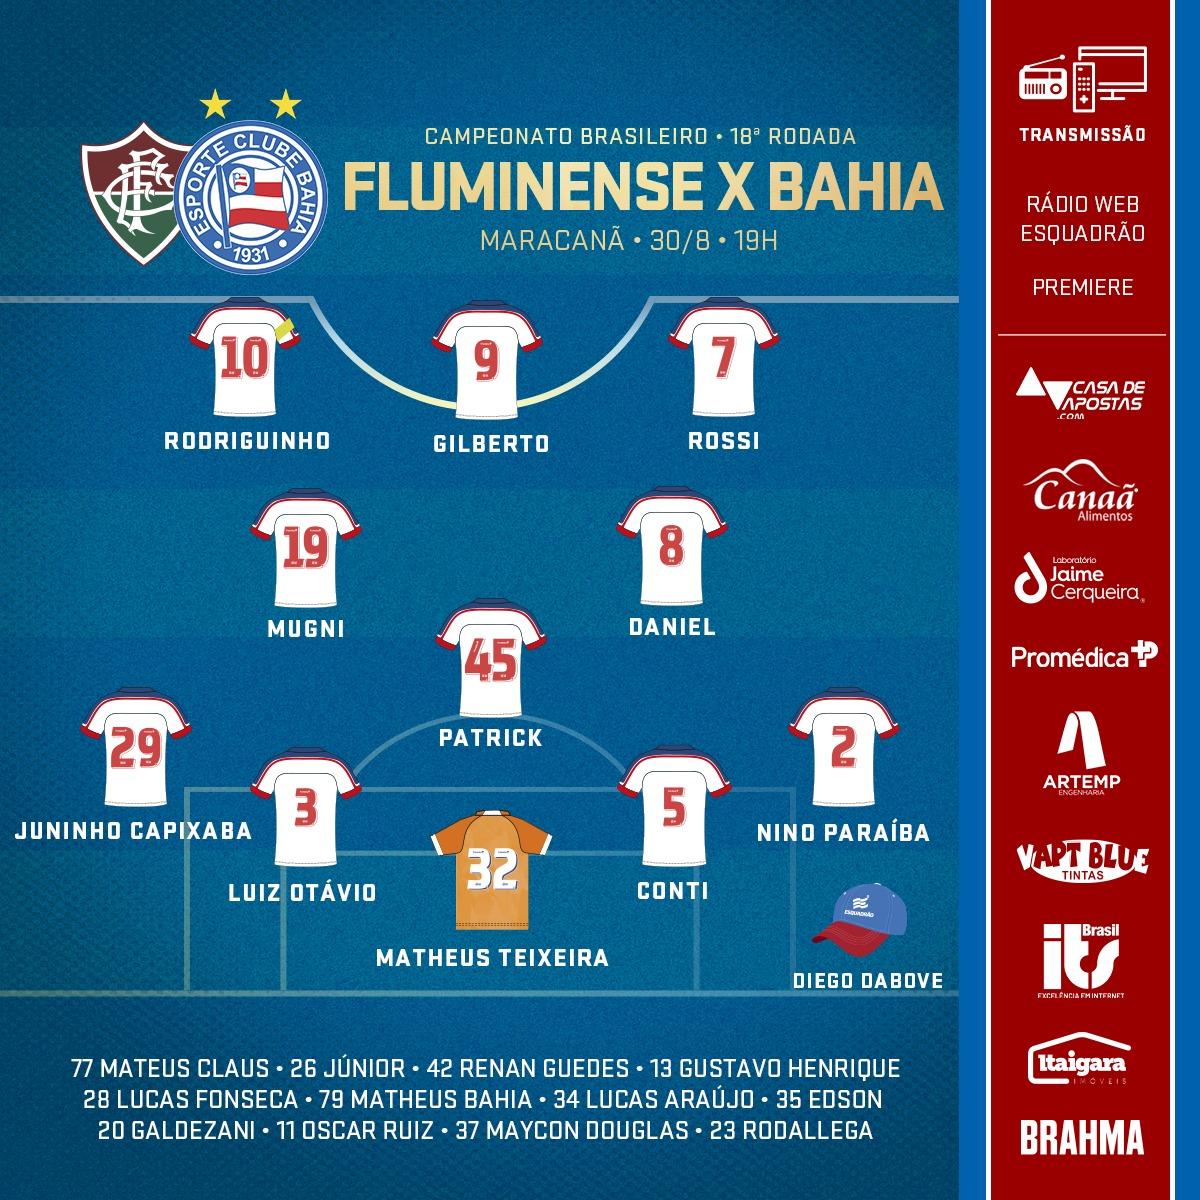 Bahia escalado para pegar o Fluminense pelo Campeonato Brasileiro